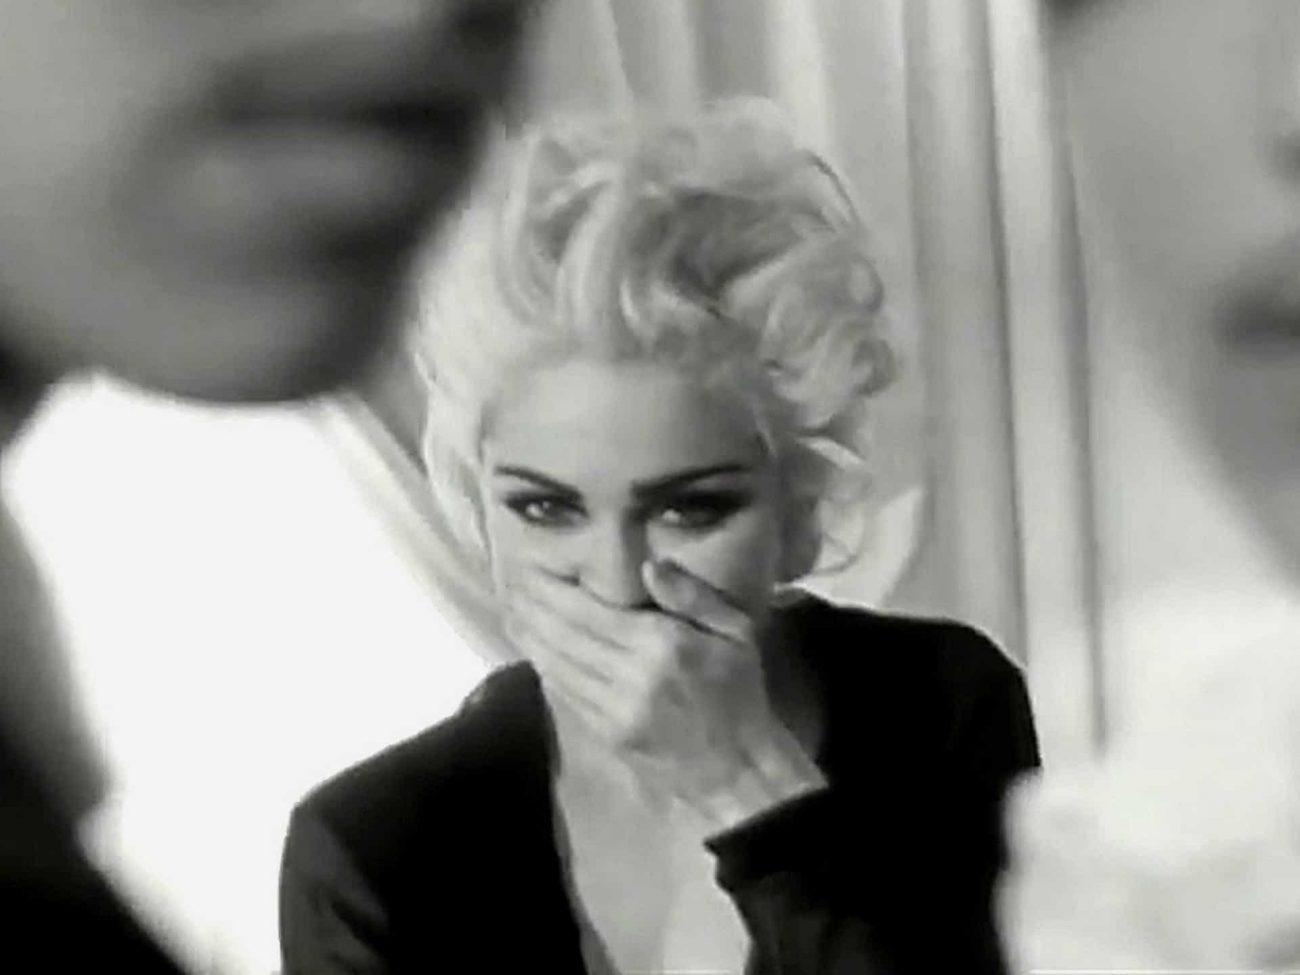 Madonna – Justify My Love (1990): Em um hotel onde as pessoas vão para praticar diferentes fetiches, Madonna participa de fantasias envolvendo sexo lésbico, sadomasoquismo e muito mais. À época, foi considerado quase pornográfico e banido da MTV. Assista: http://bit.ly/2Z1342J. - Crédito: Reprodução/YouTube/33Giga/ND